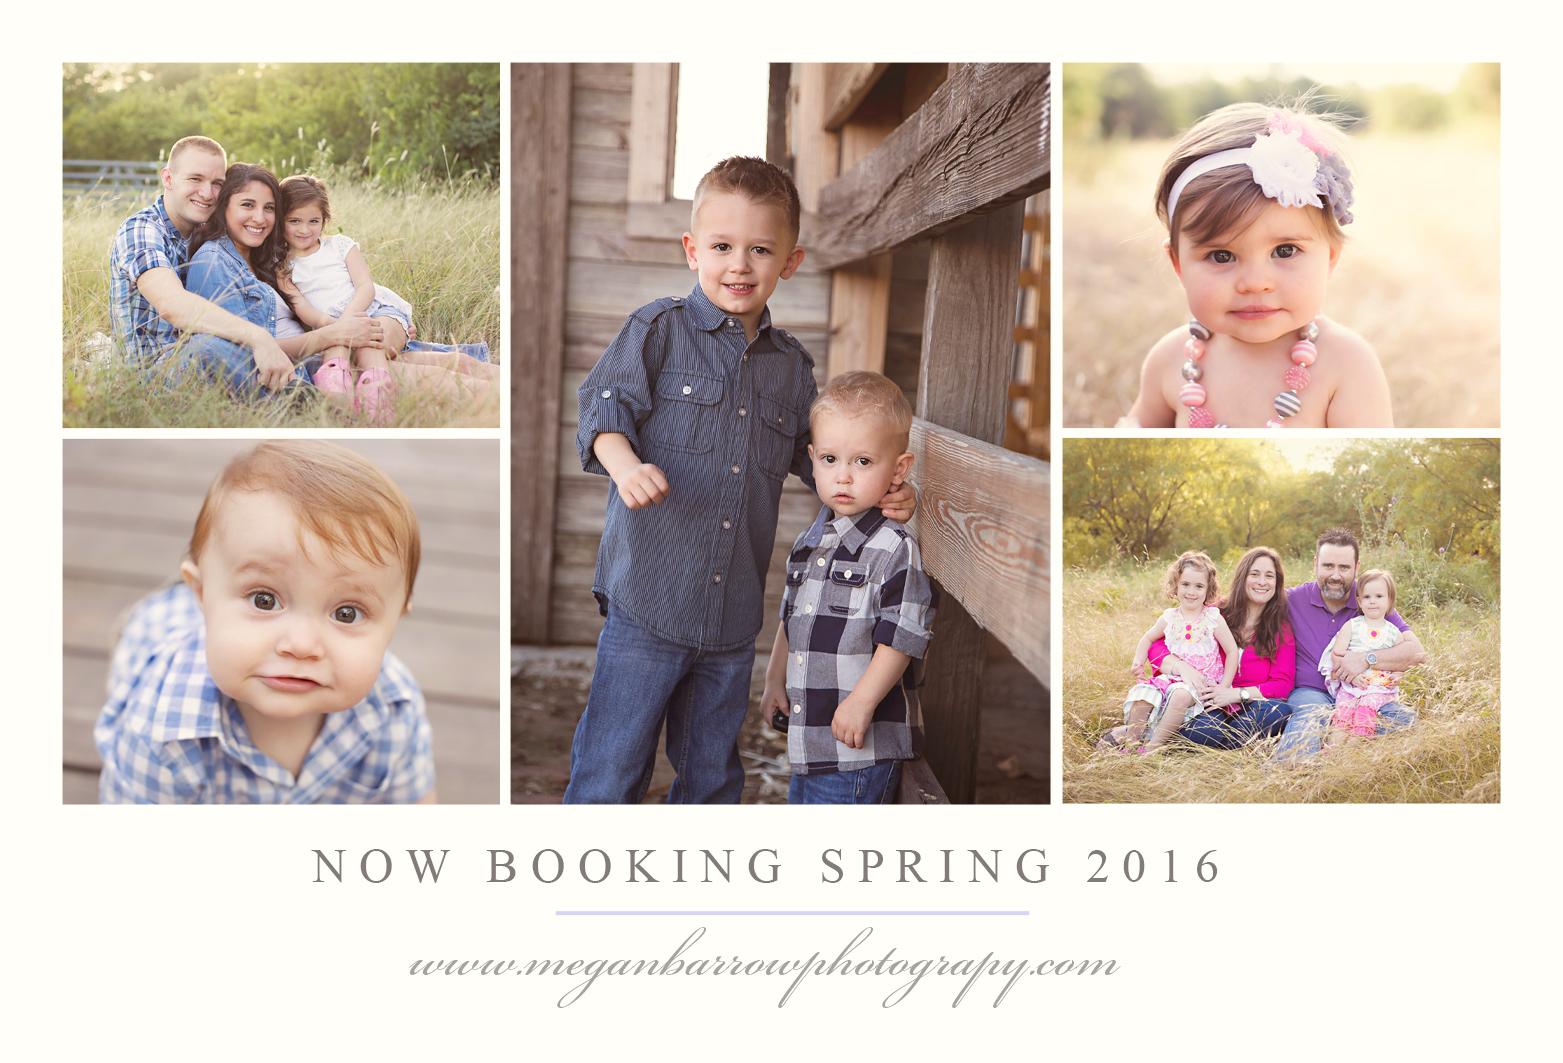 Booking spring 2016